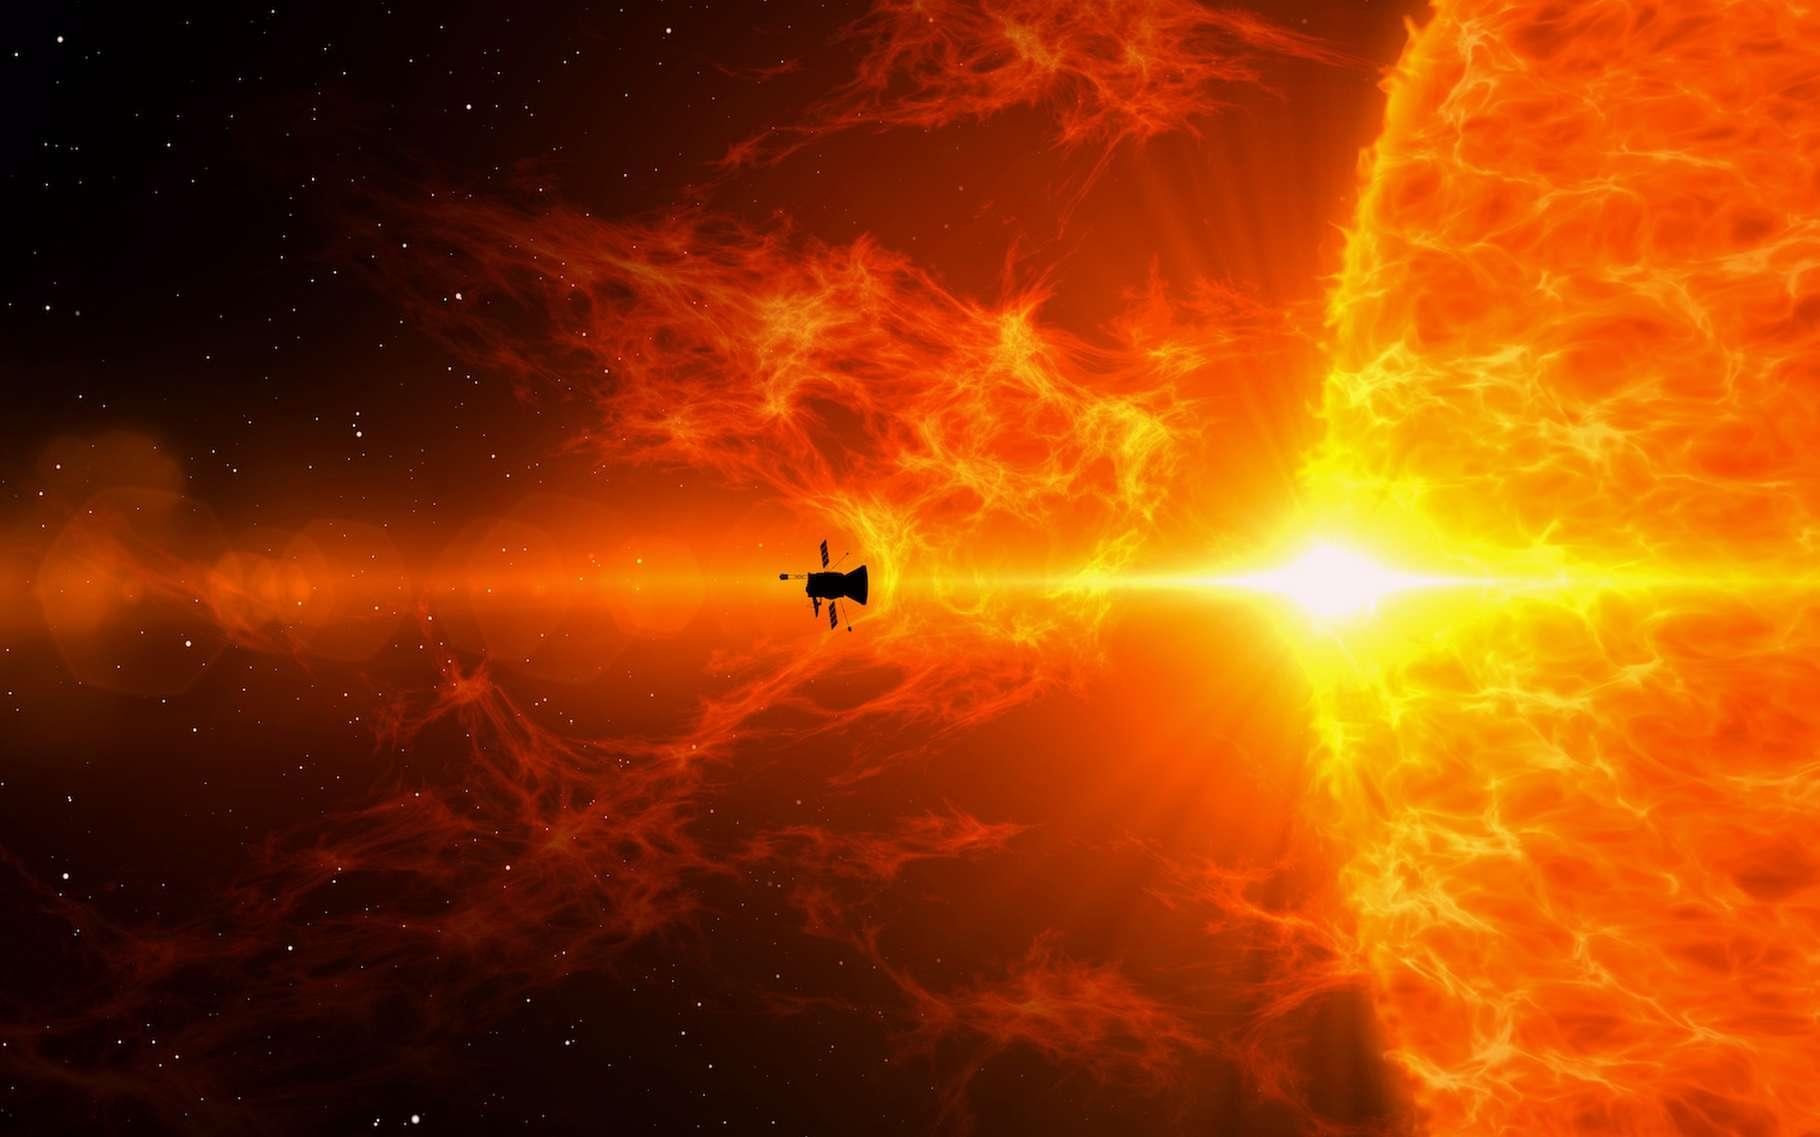 L'activité de notre Soleil a des effets sur notre Terre. D'où l'importance pour les astronomes de parvenir à la prédire. © Skorzewiak, Adobe Stock